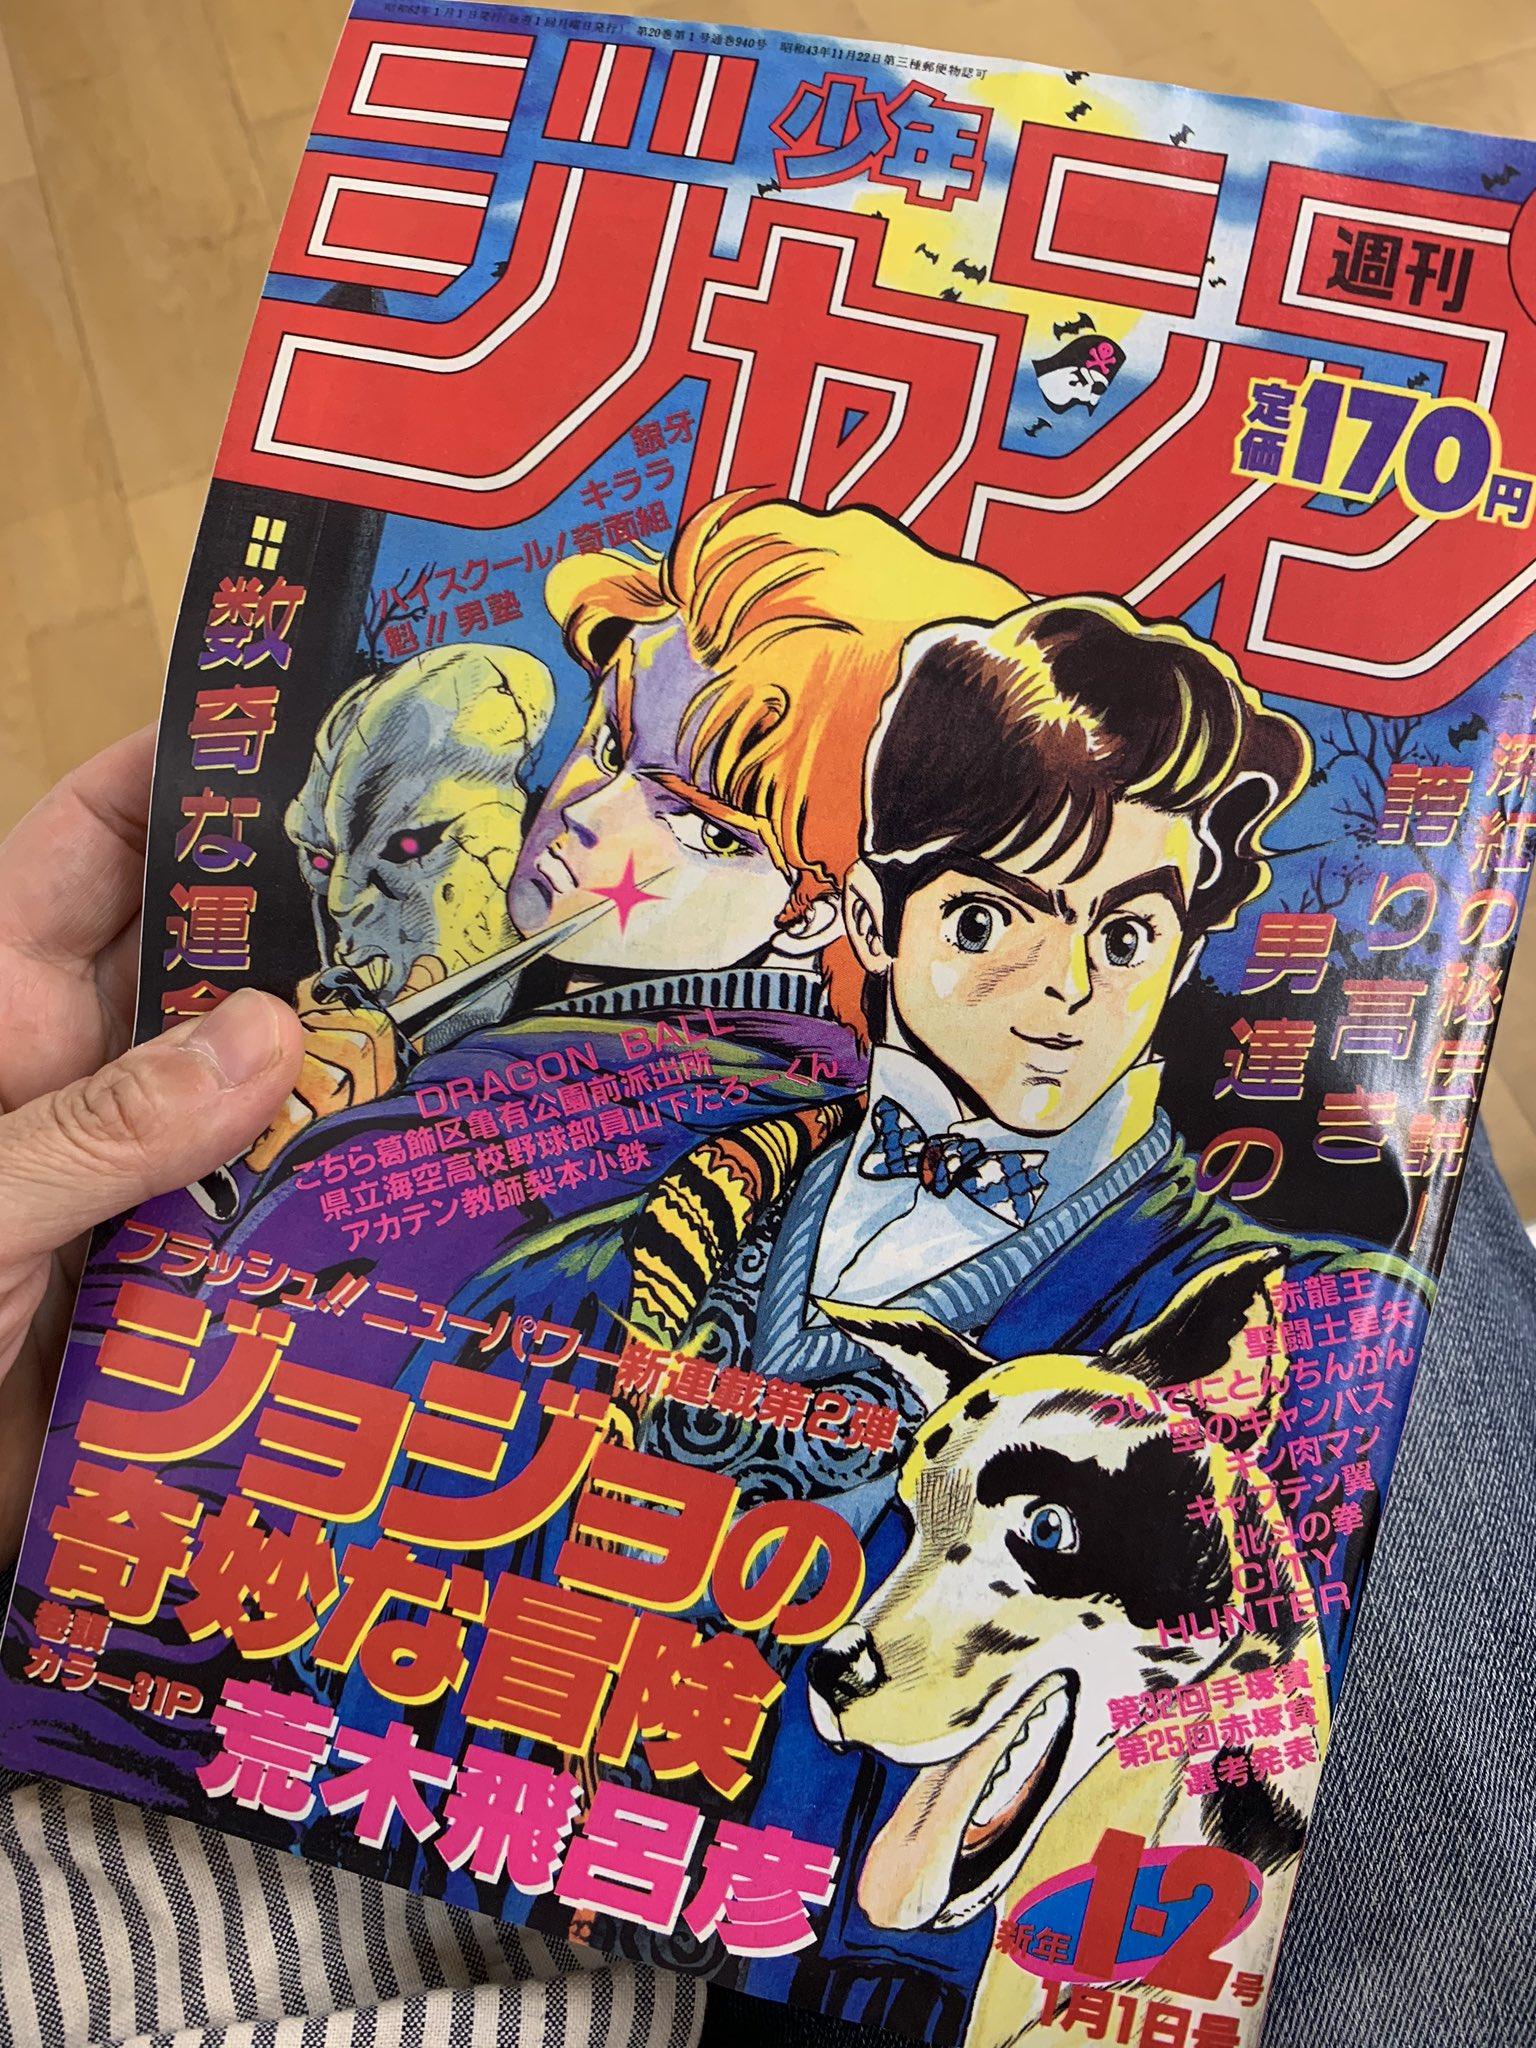 病院の待合室で発見!?超貴重な週刊少年ジャンプが見つかる!